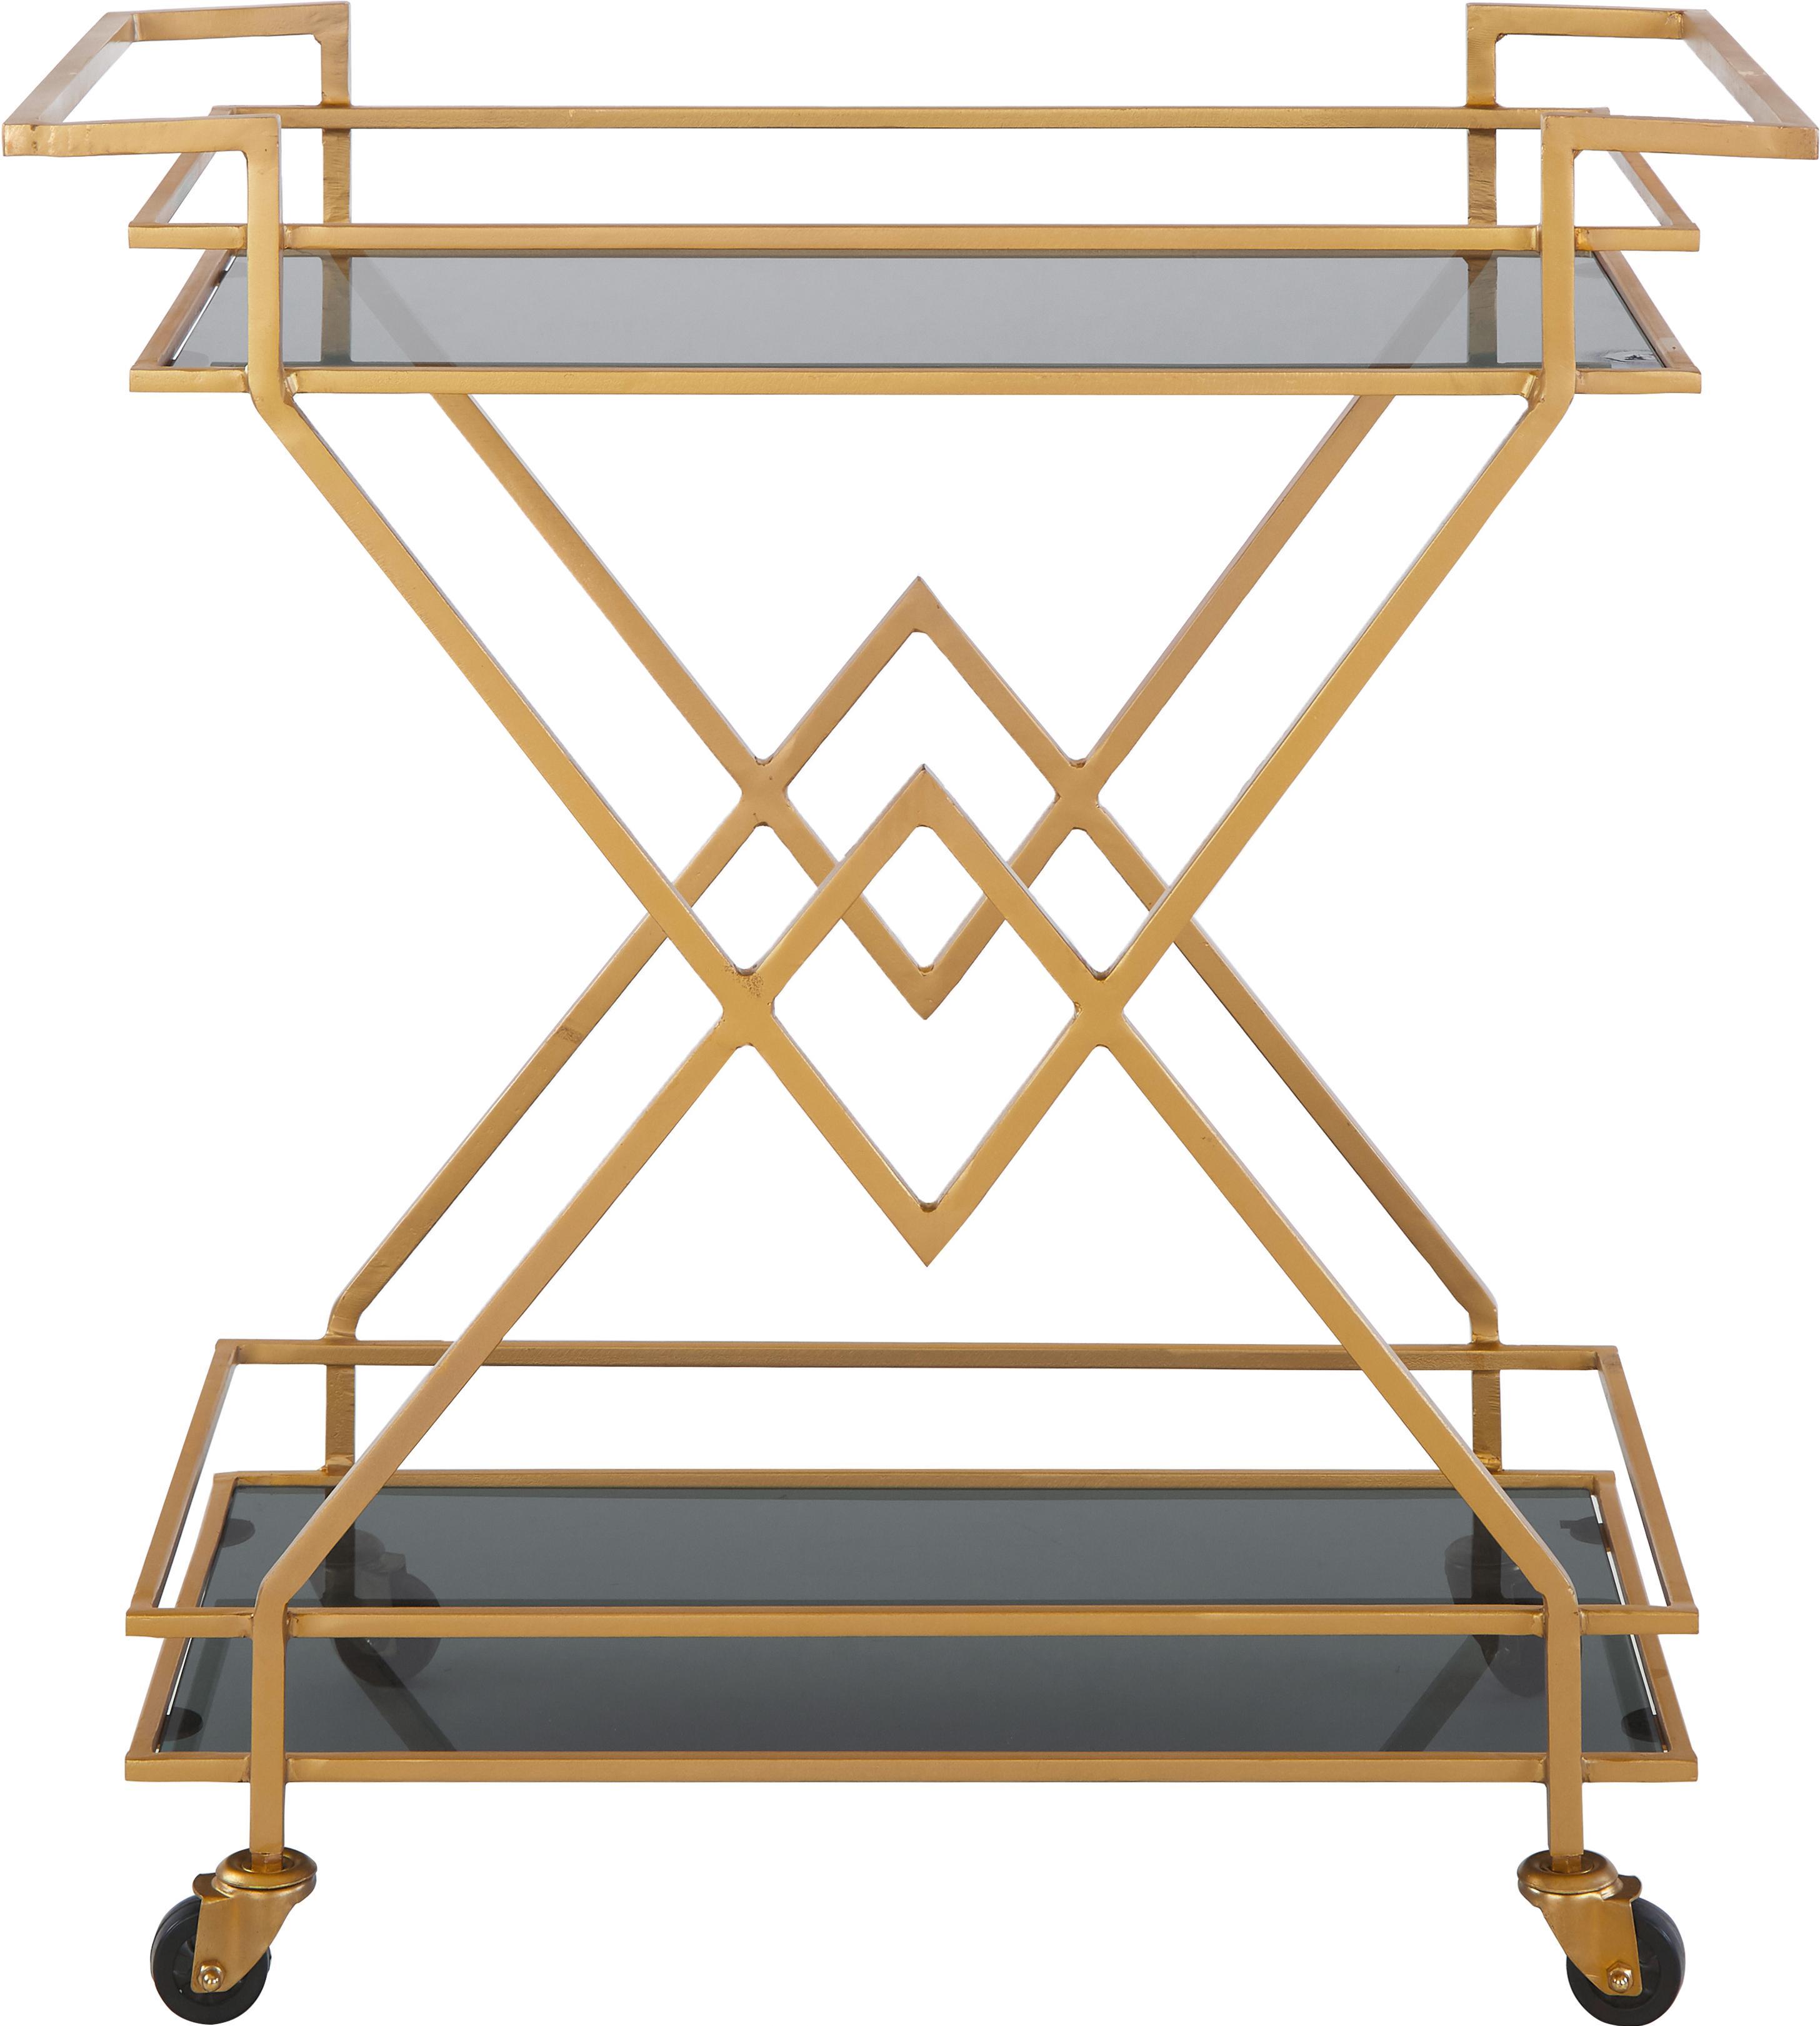 Servierwagen Ben in Gold, Gestell: Metall, lackiert, Rollen: Kunststoff, Goldfarben,Transparent, 76 x 80 cm